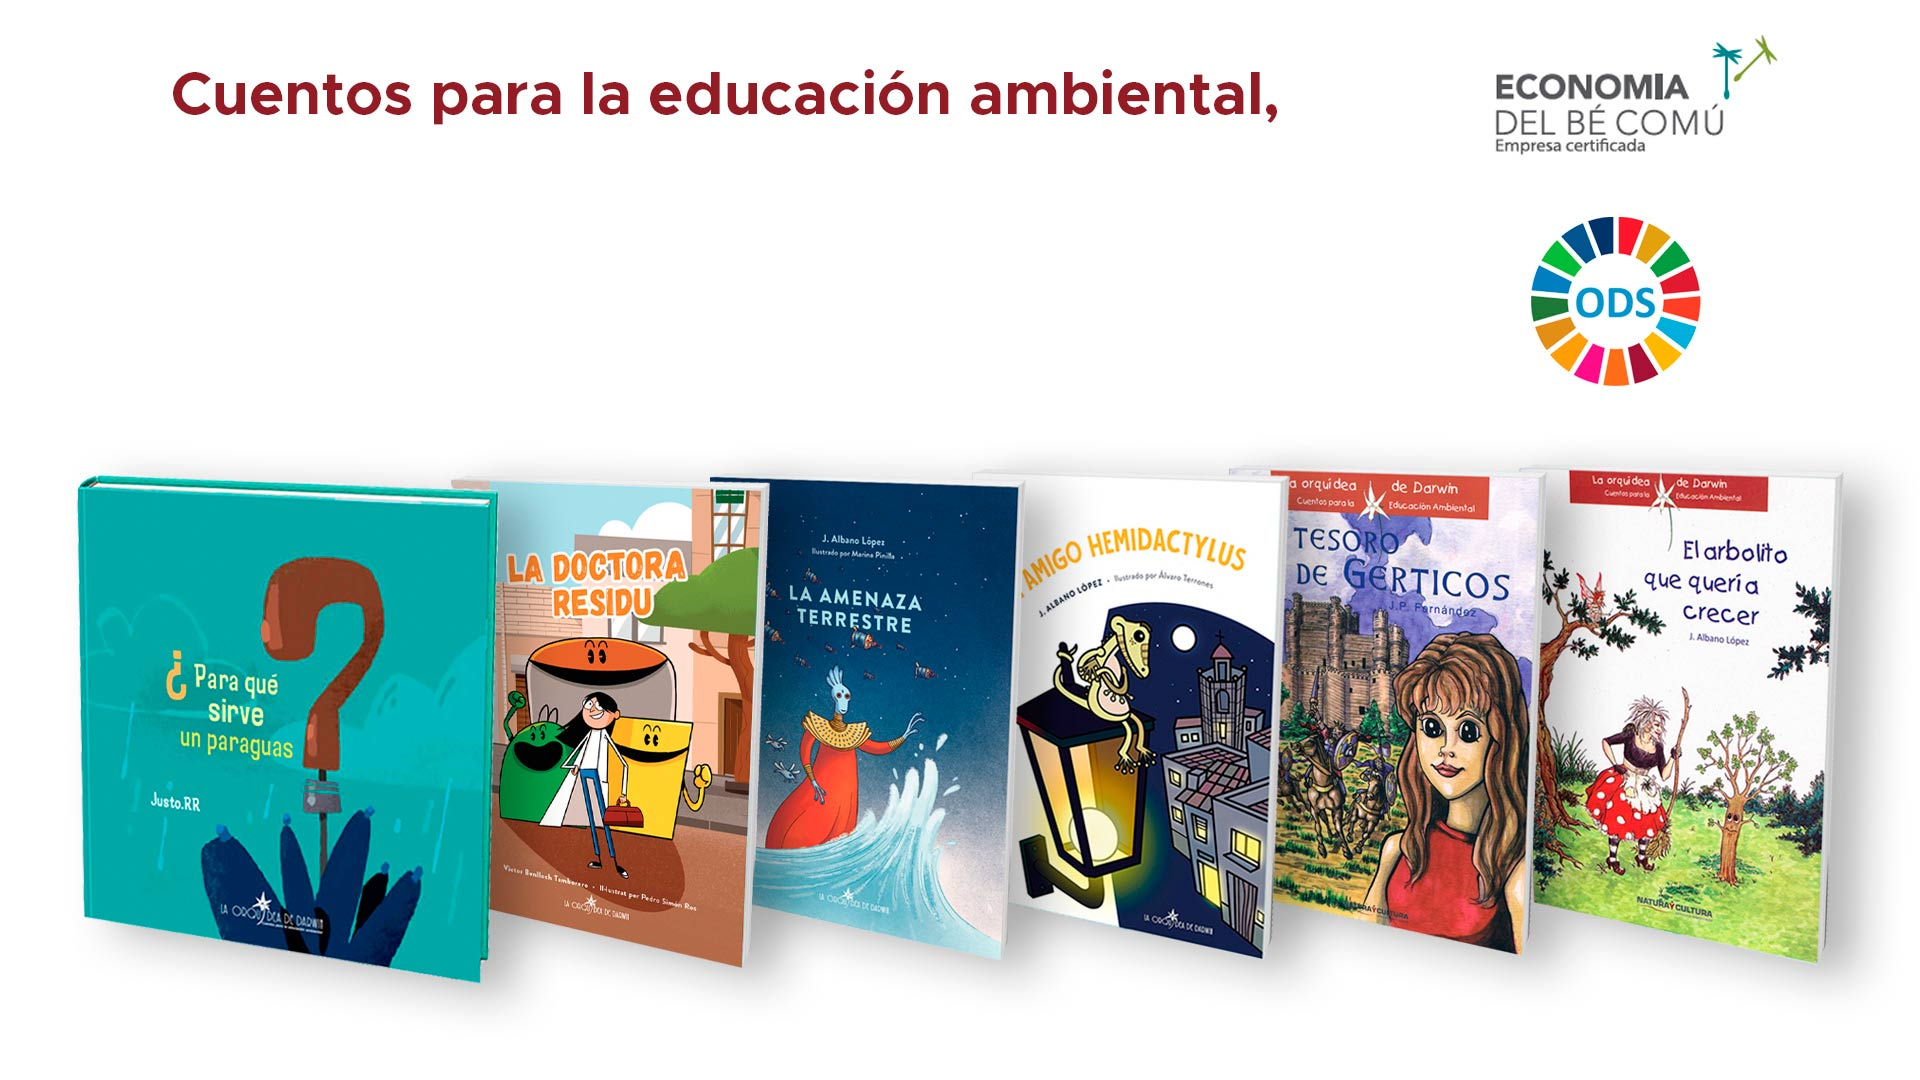 inicio cuentos educacion ambiental